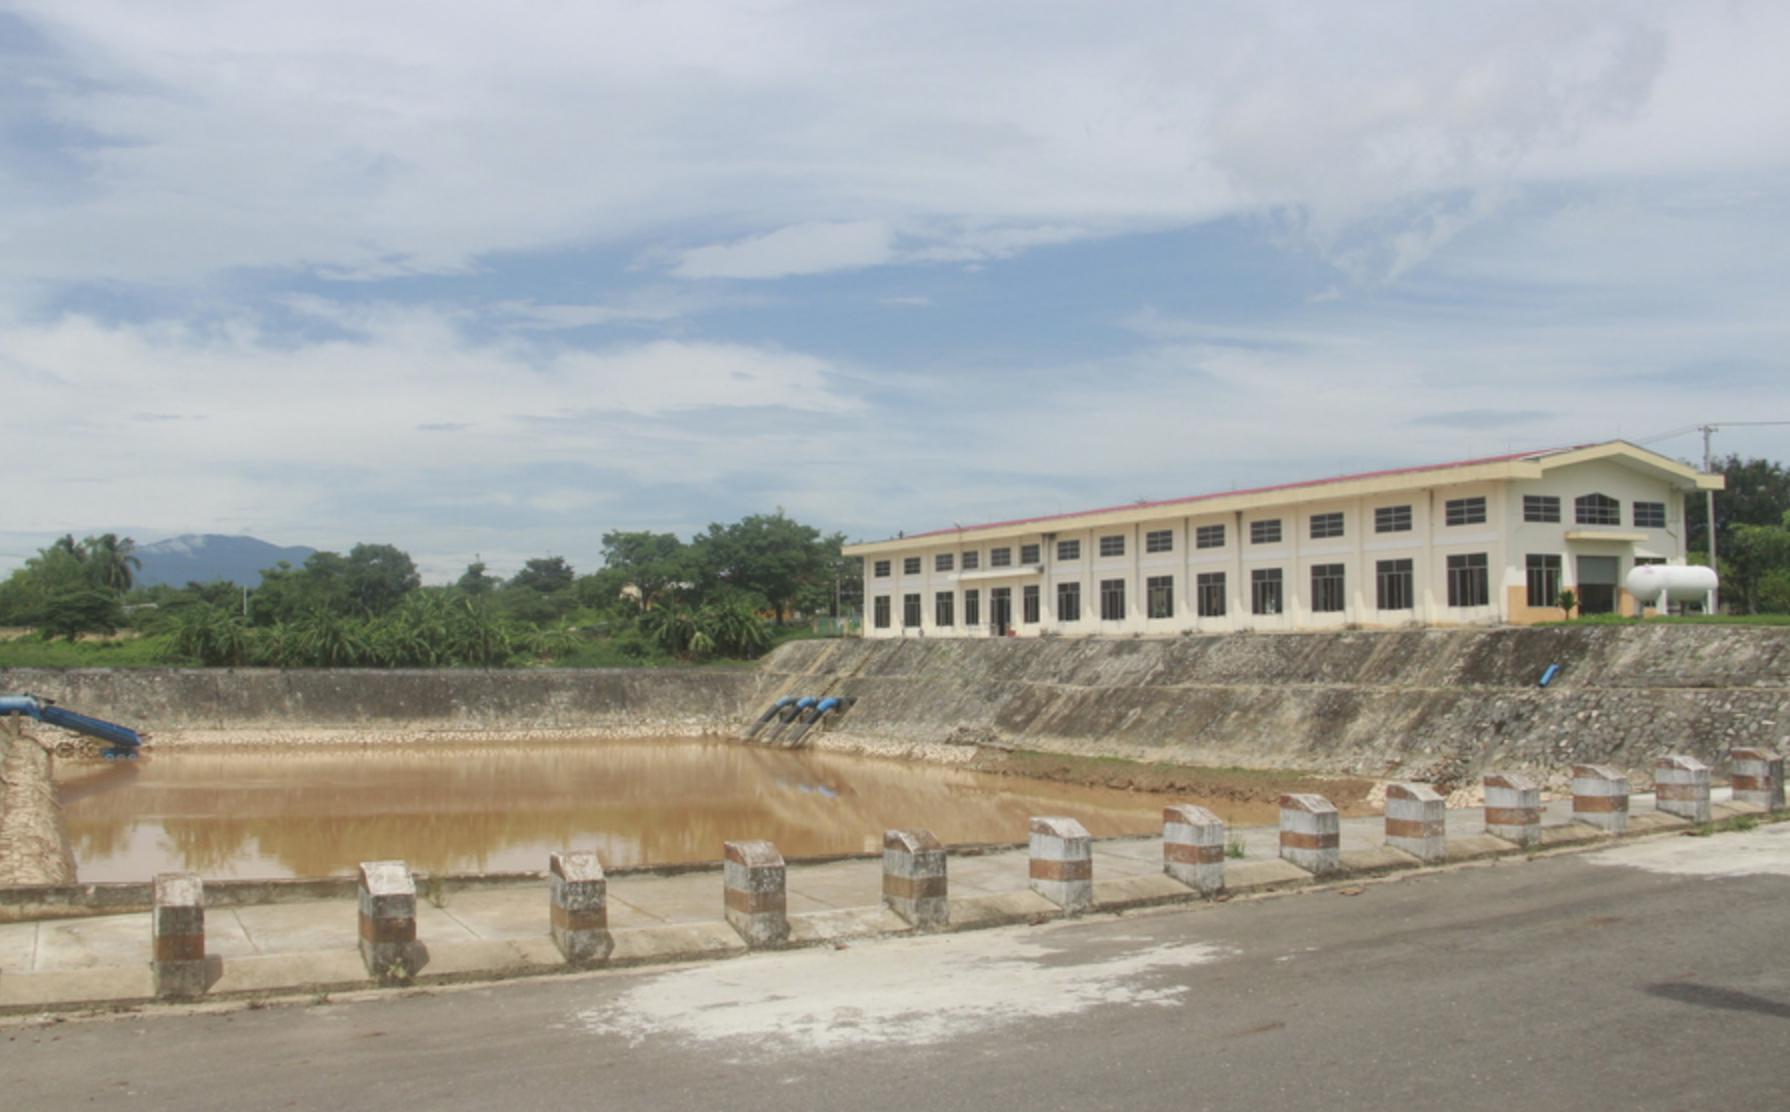 Ngày 18/5, toàn thành phố Đà Nẵng cúp nước sạch - Ảnh 1.